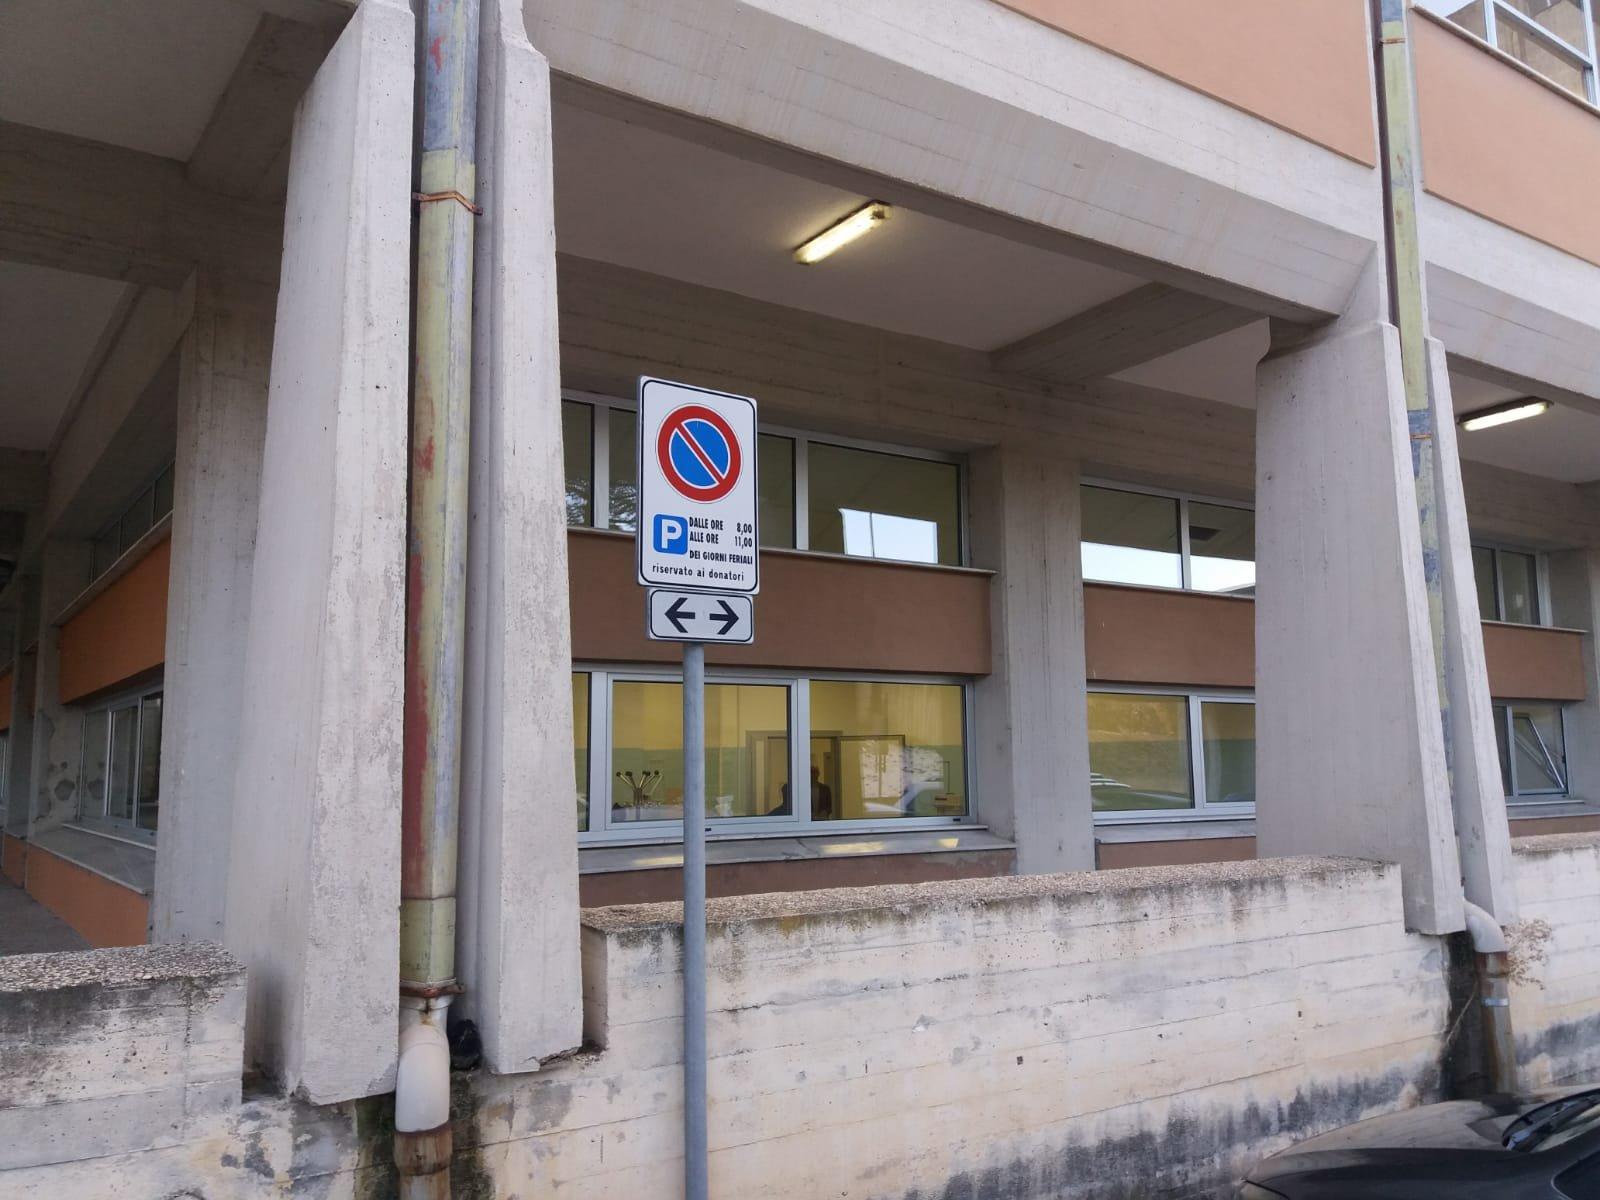 Parcheggi riservati ai donatori perennemente occupati: la denuncia dei donatori del Vas di Avezzano